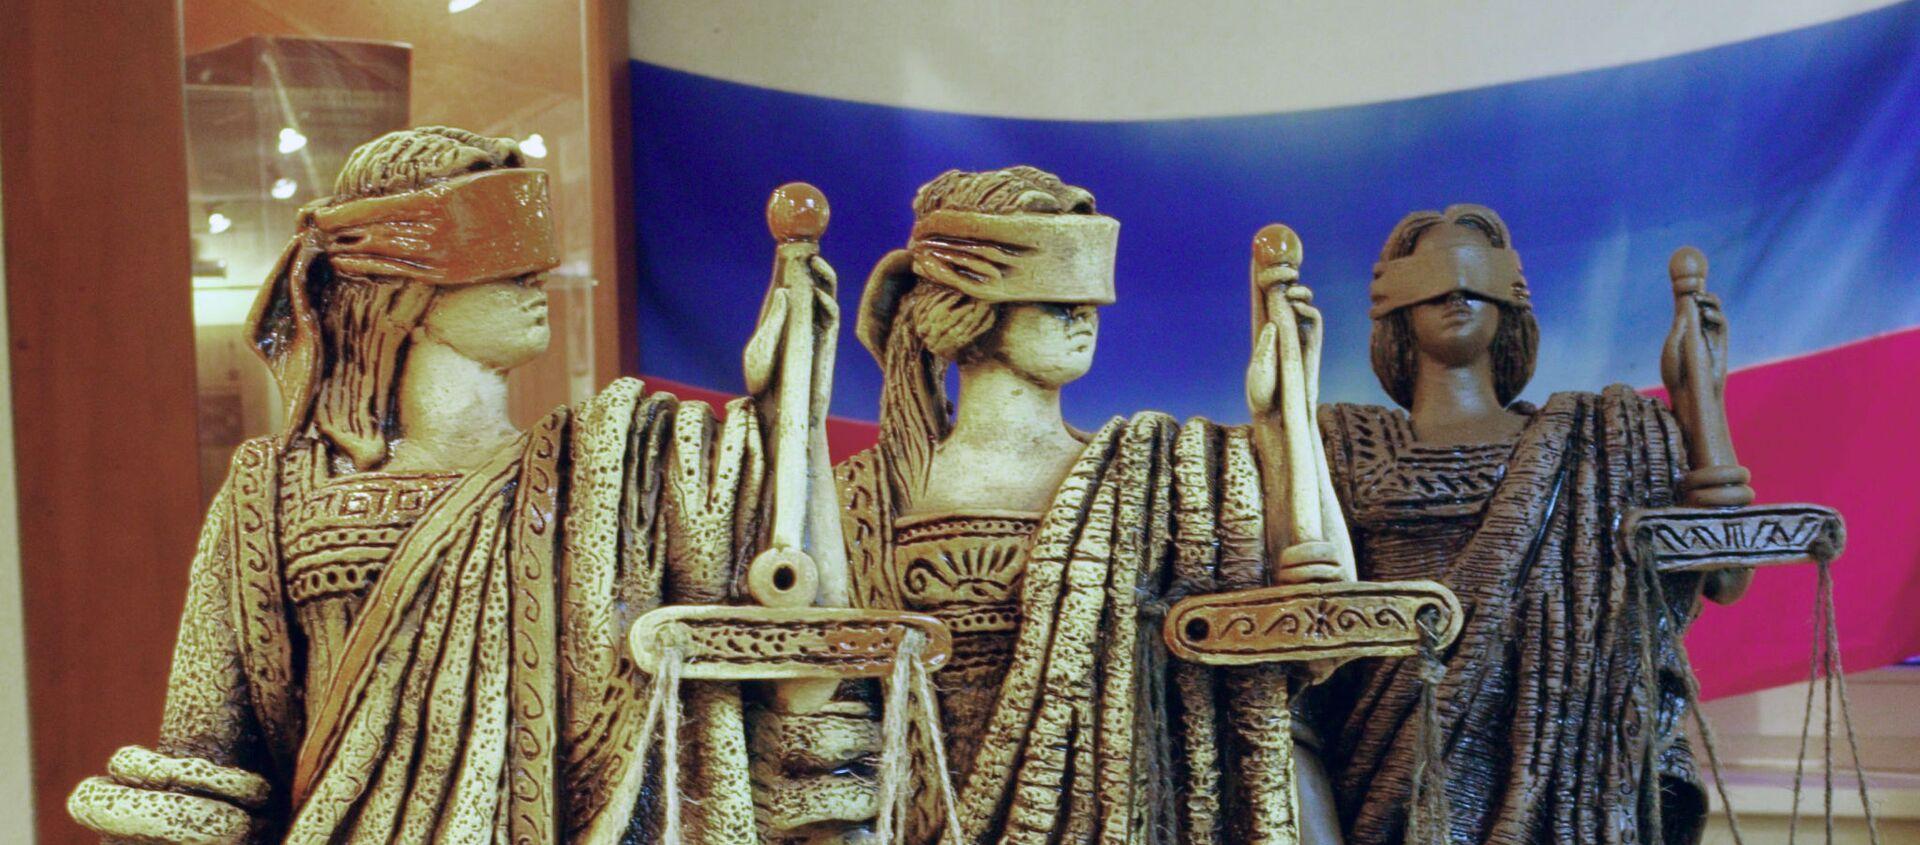 Статуи Фемиды. - Sputnik Абхазия, 1920, 07.01.2021